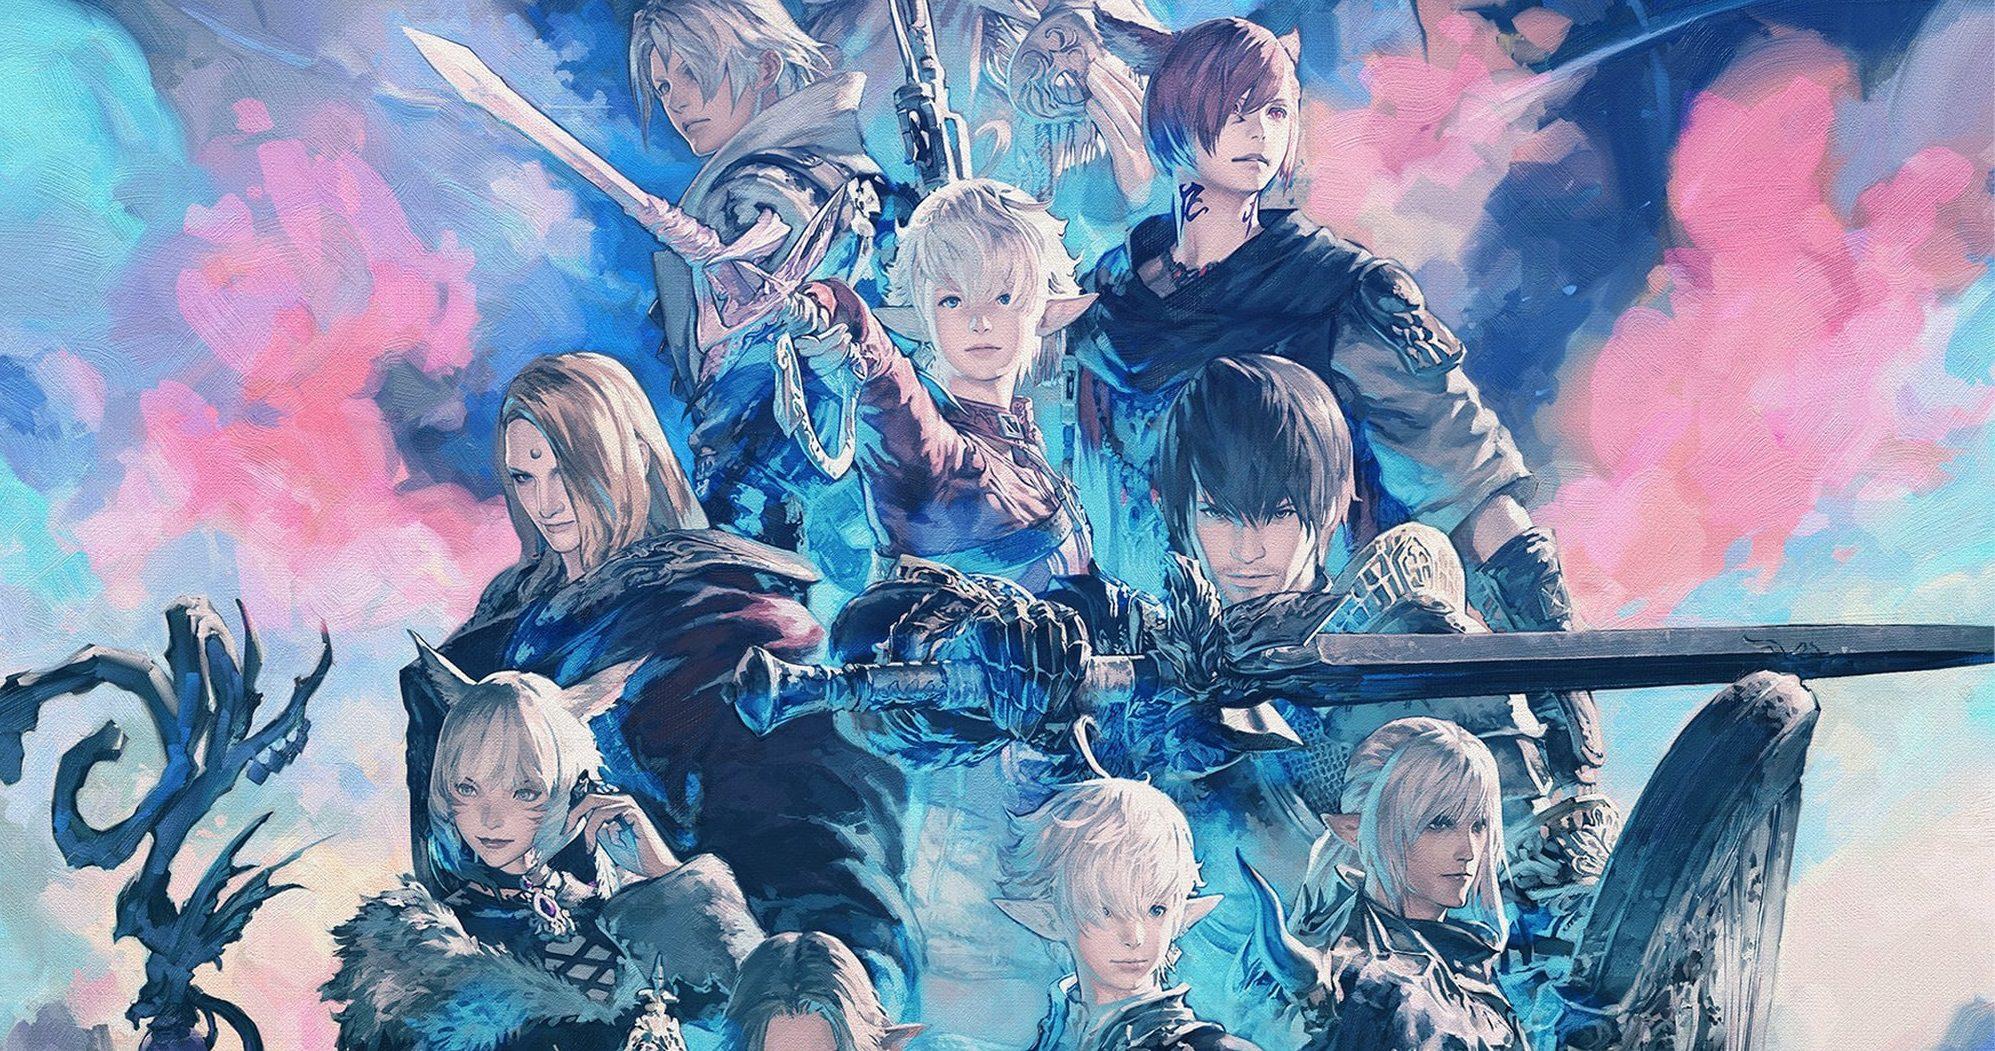 Final Fantasy XIV stress test